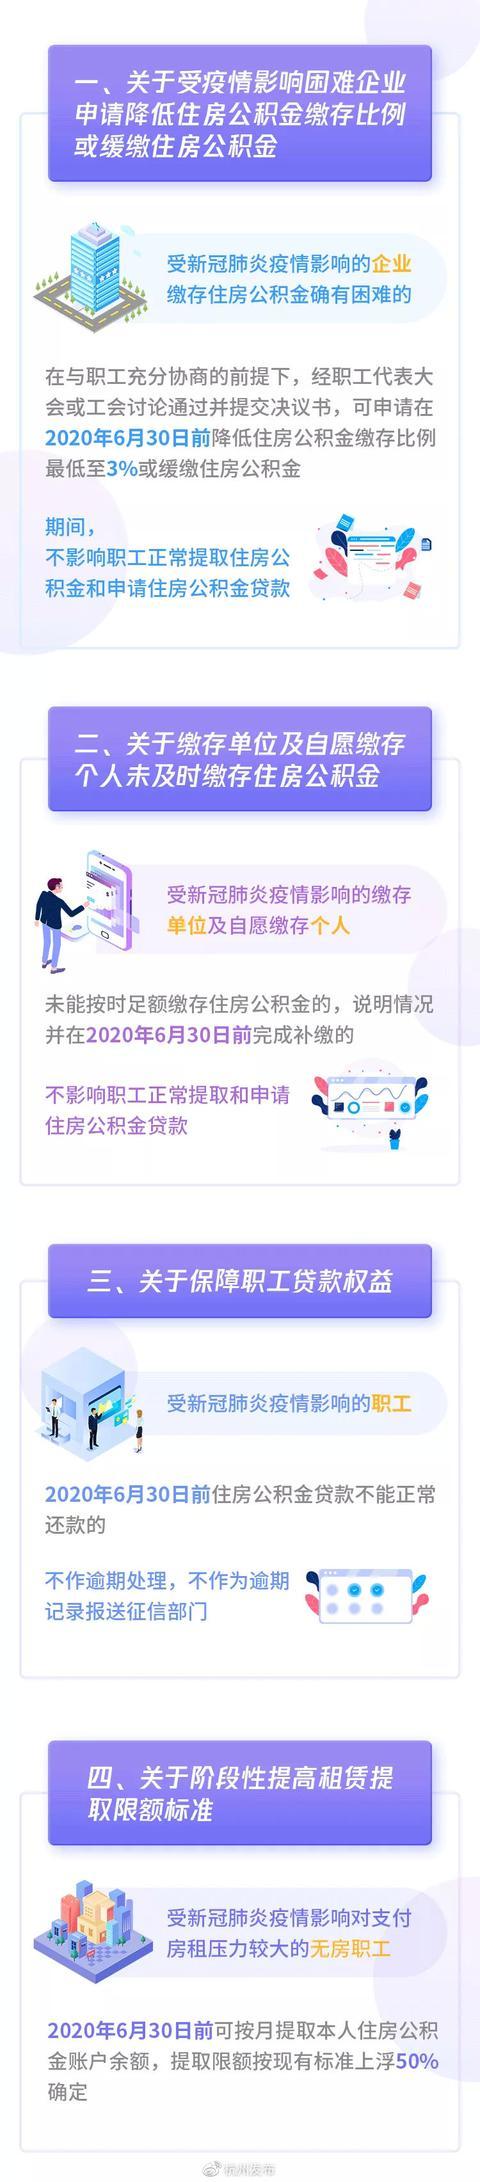 杭州住房公积金阶段性支持政策:租赁提取限额上浮50%